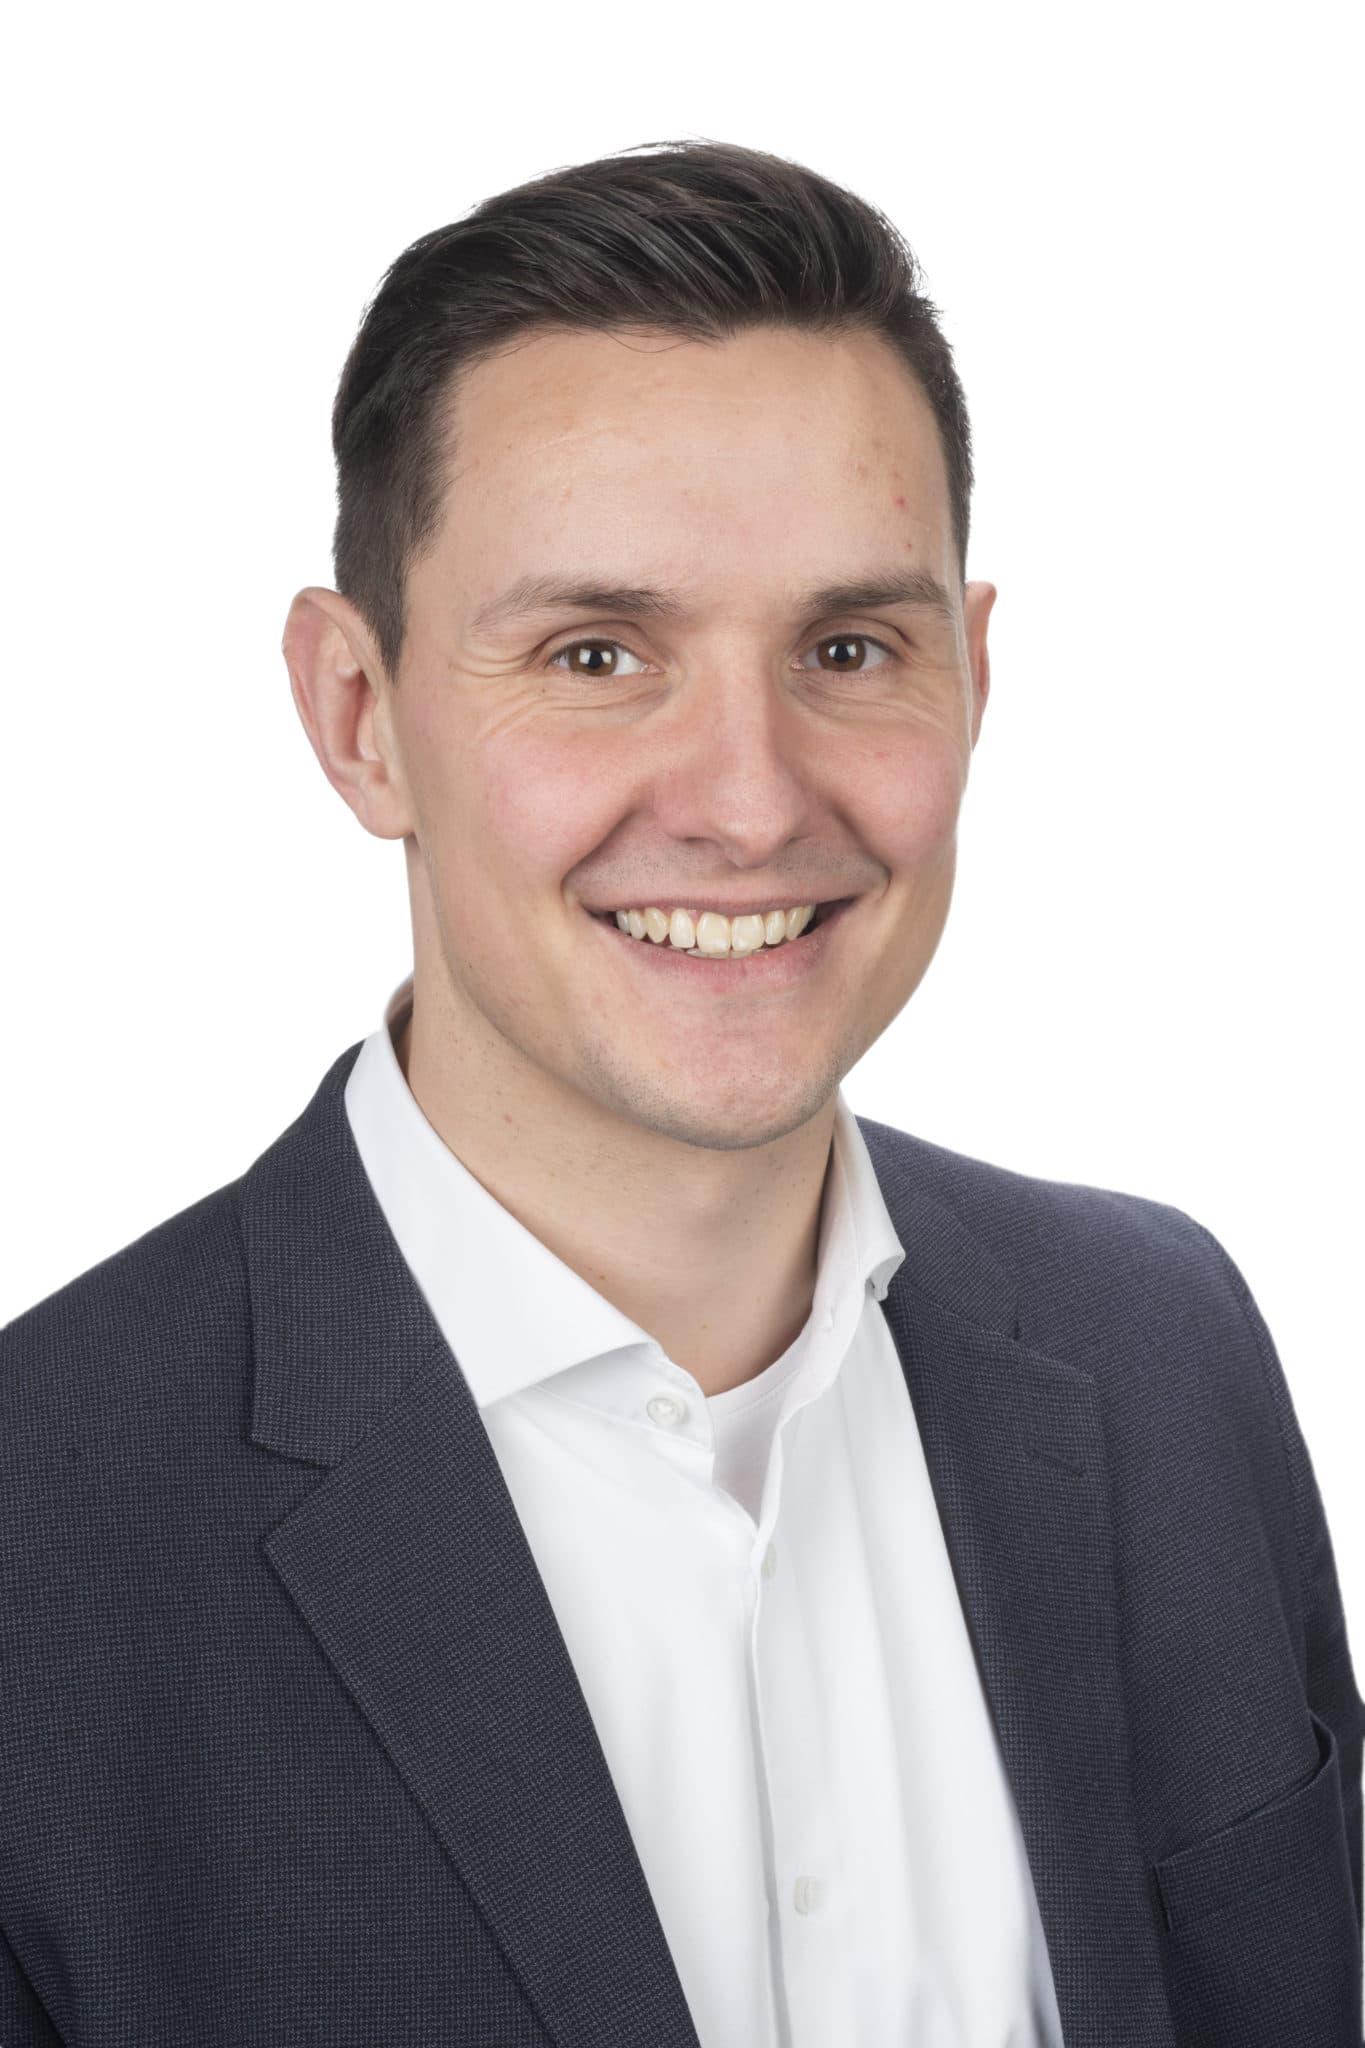 Mark van der Linden - Lenssen Advies